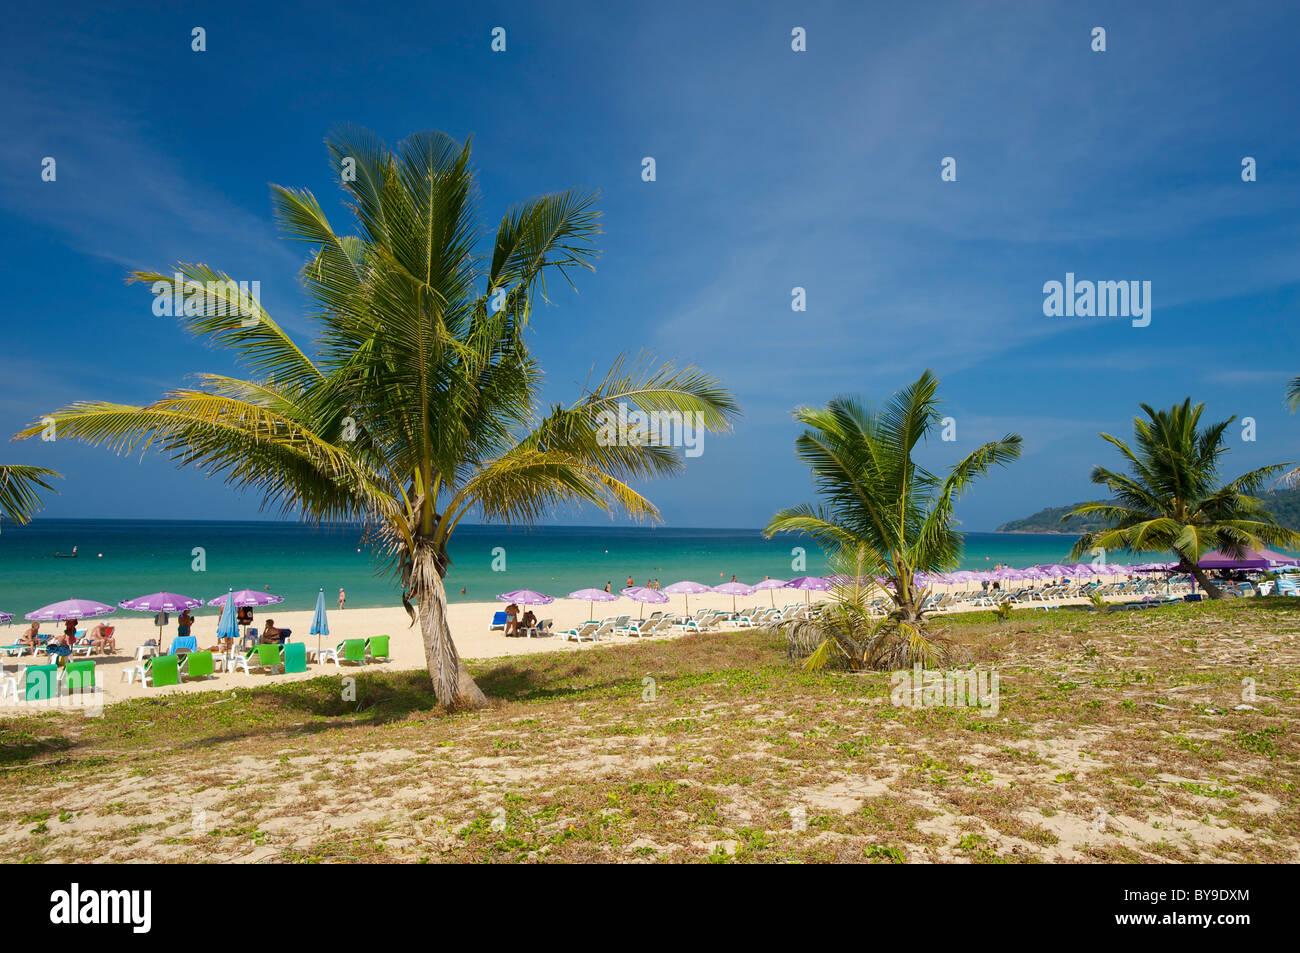 Karon Beach, Phuket island, Thailand, Asia - Stock Image